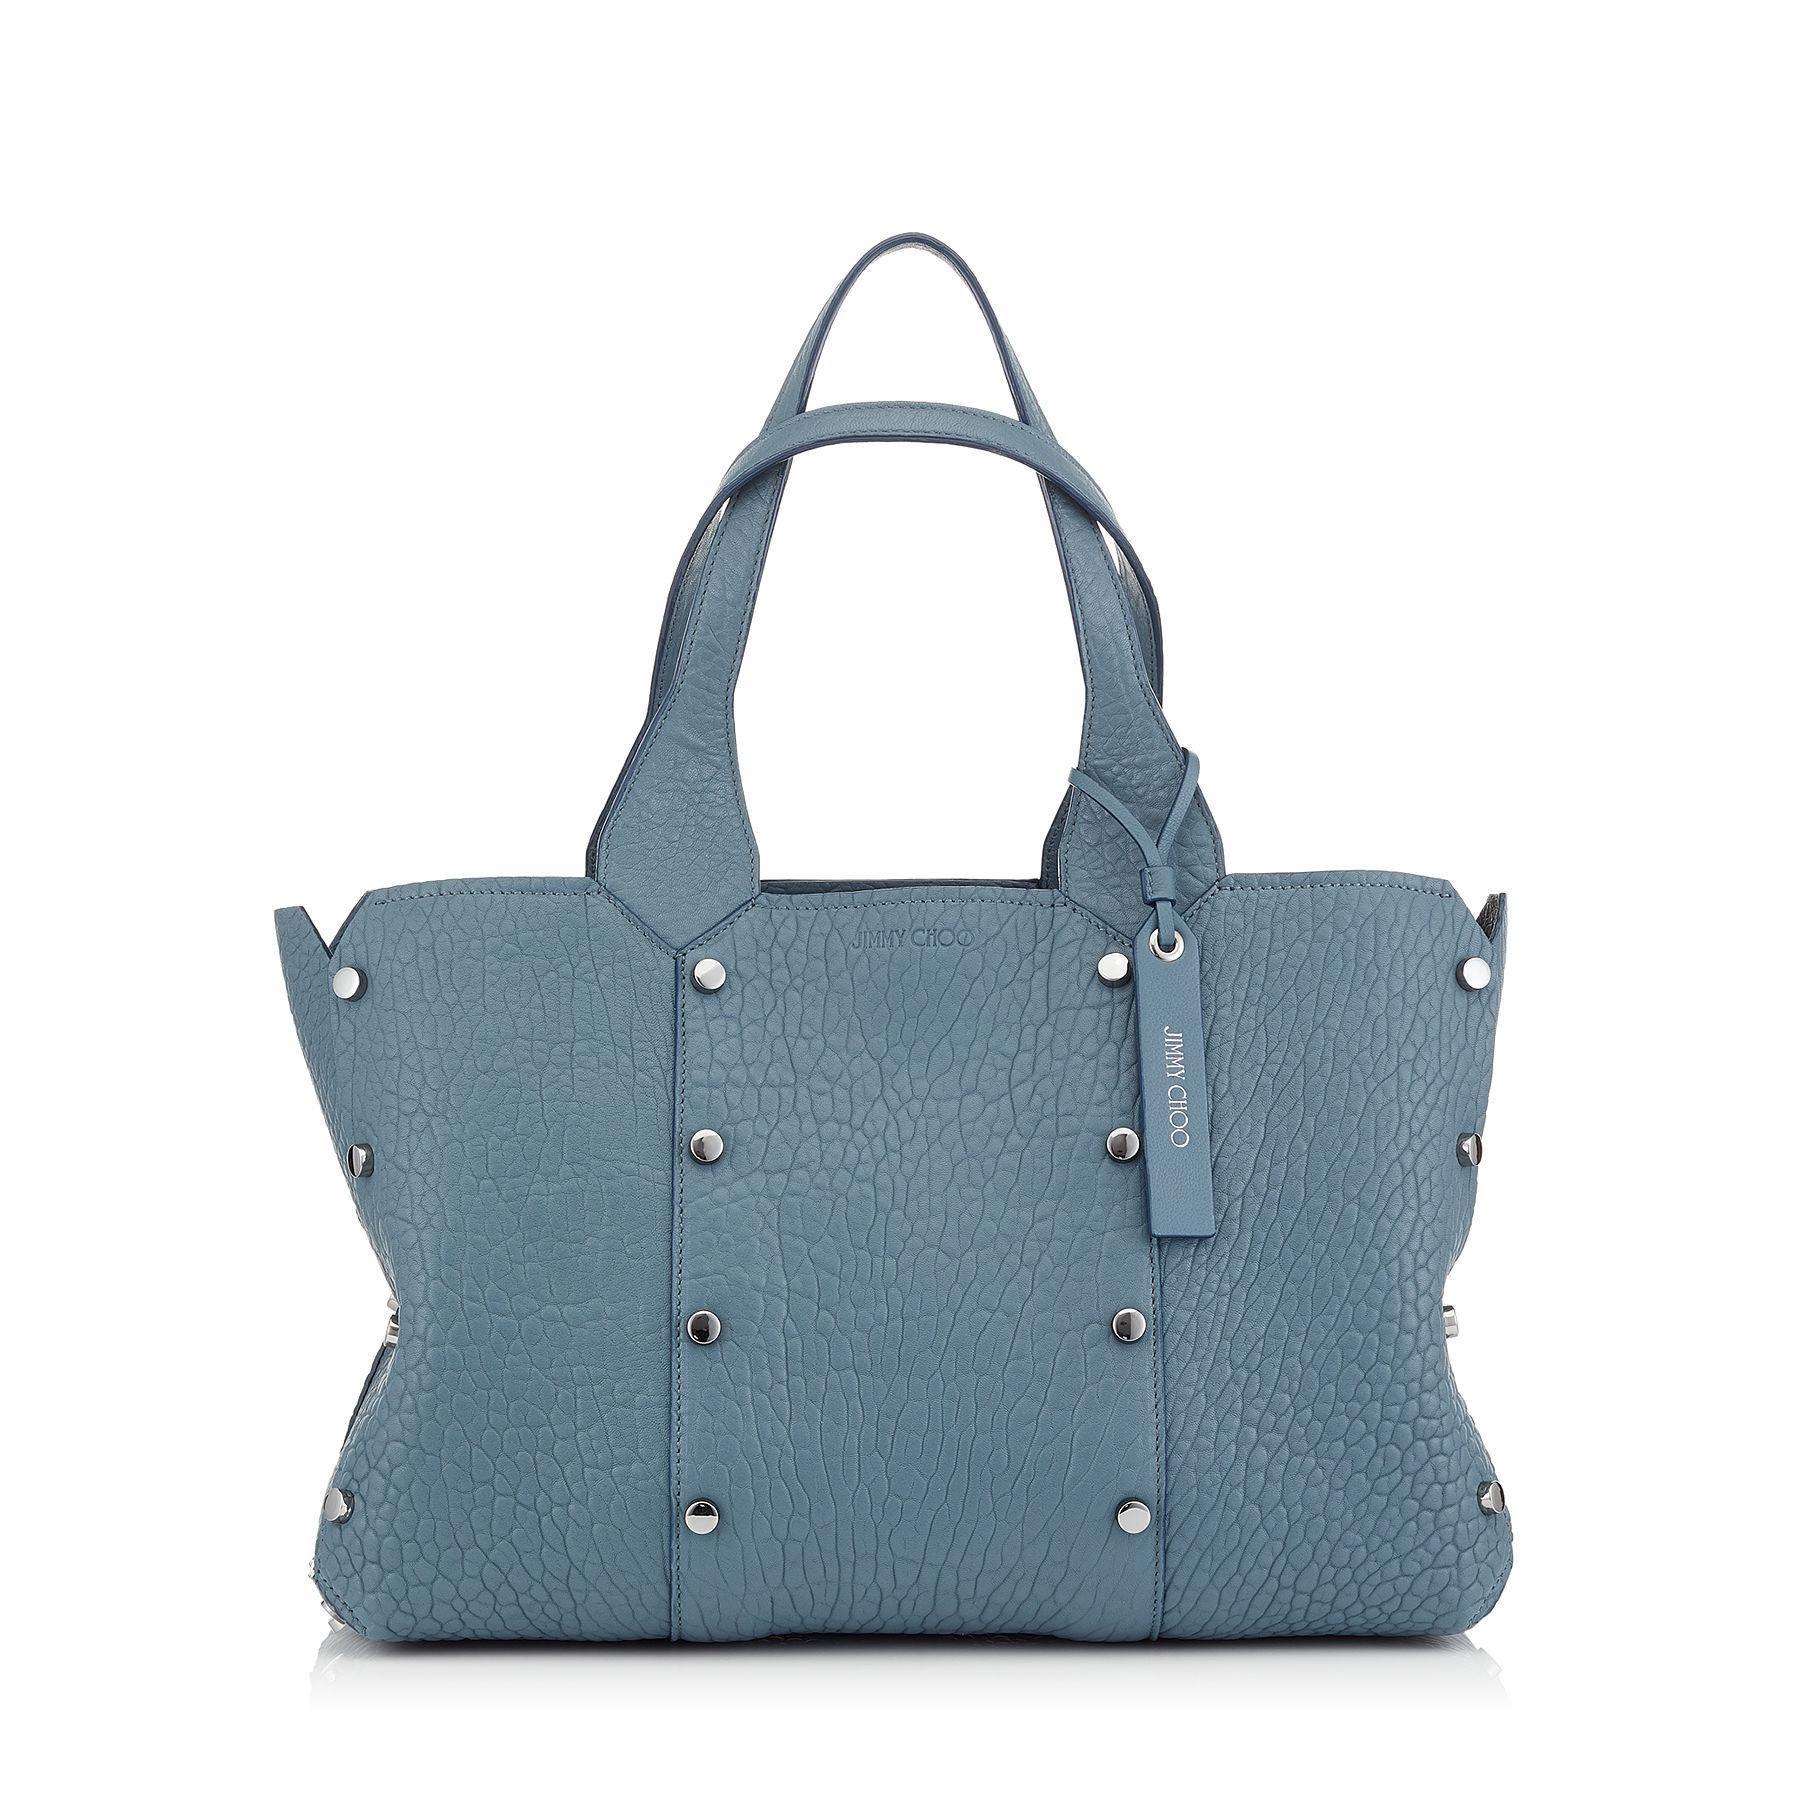 dea0173973ff Lyst - Jimmy Choo Lockett Shopper s in Blue